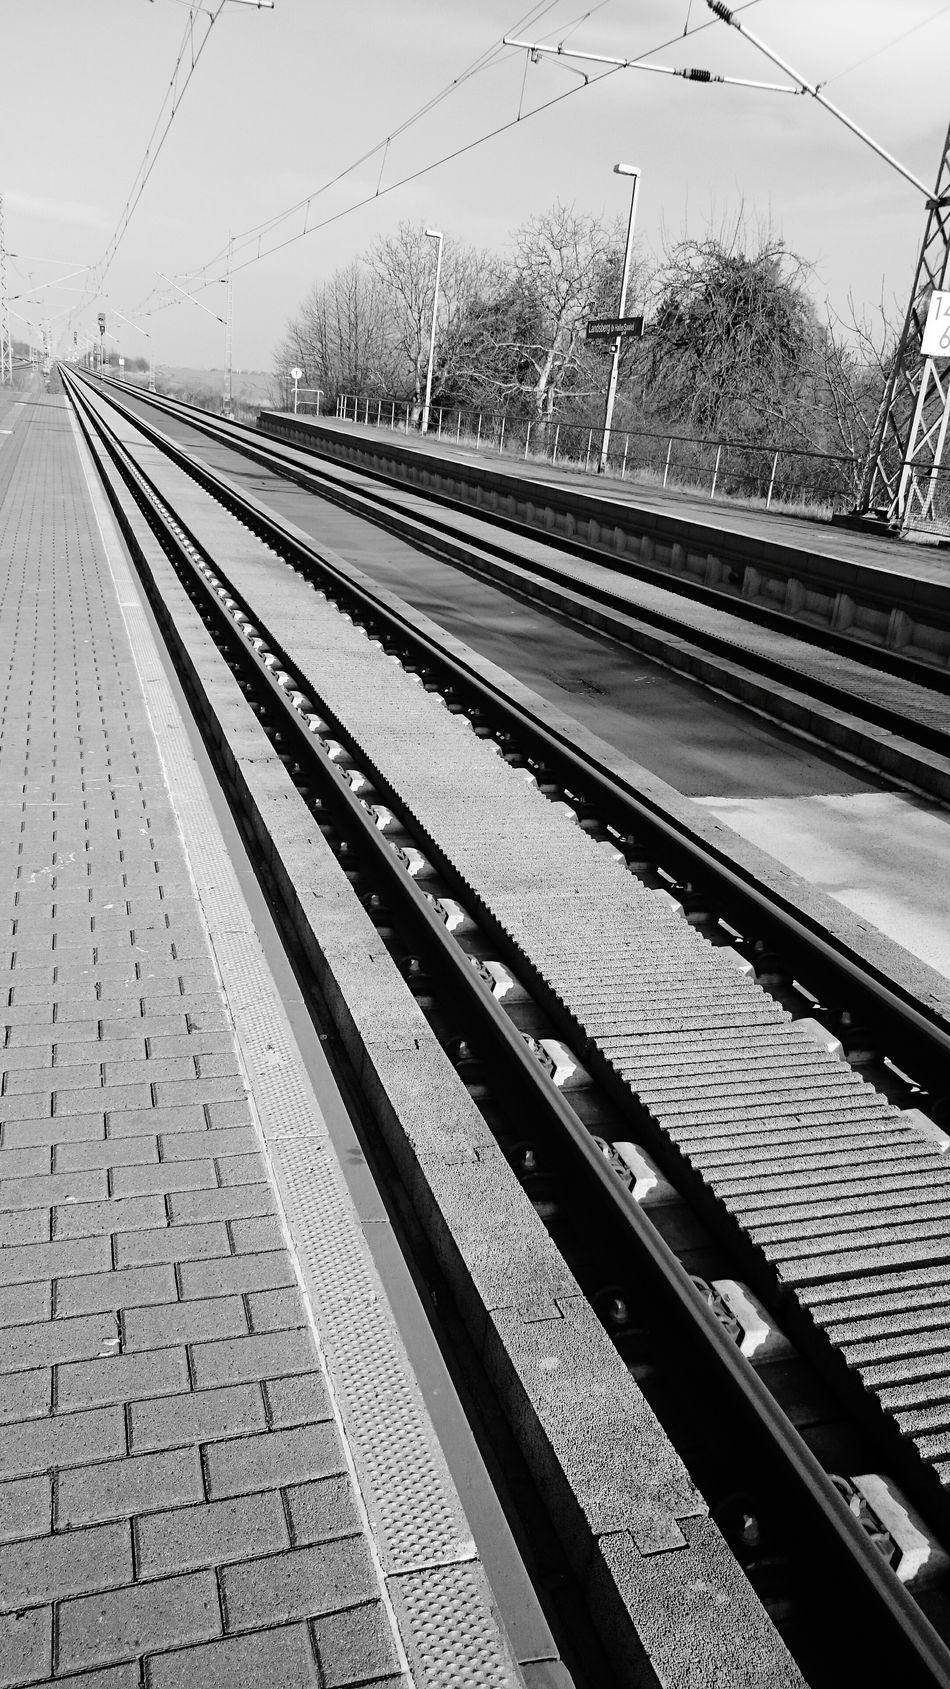 Auf Zug warten...